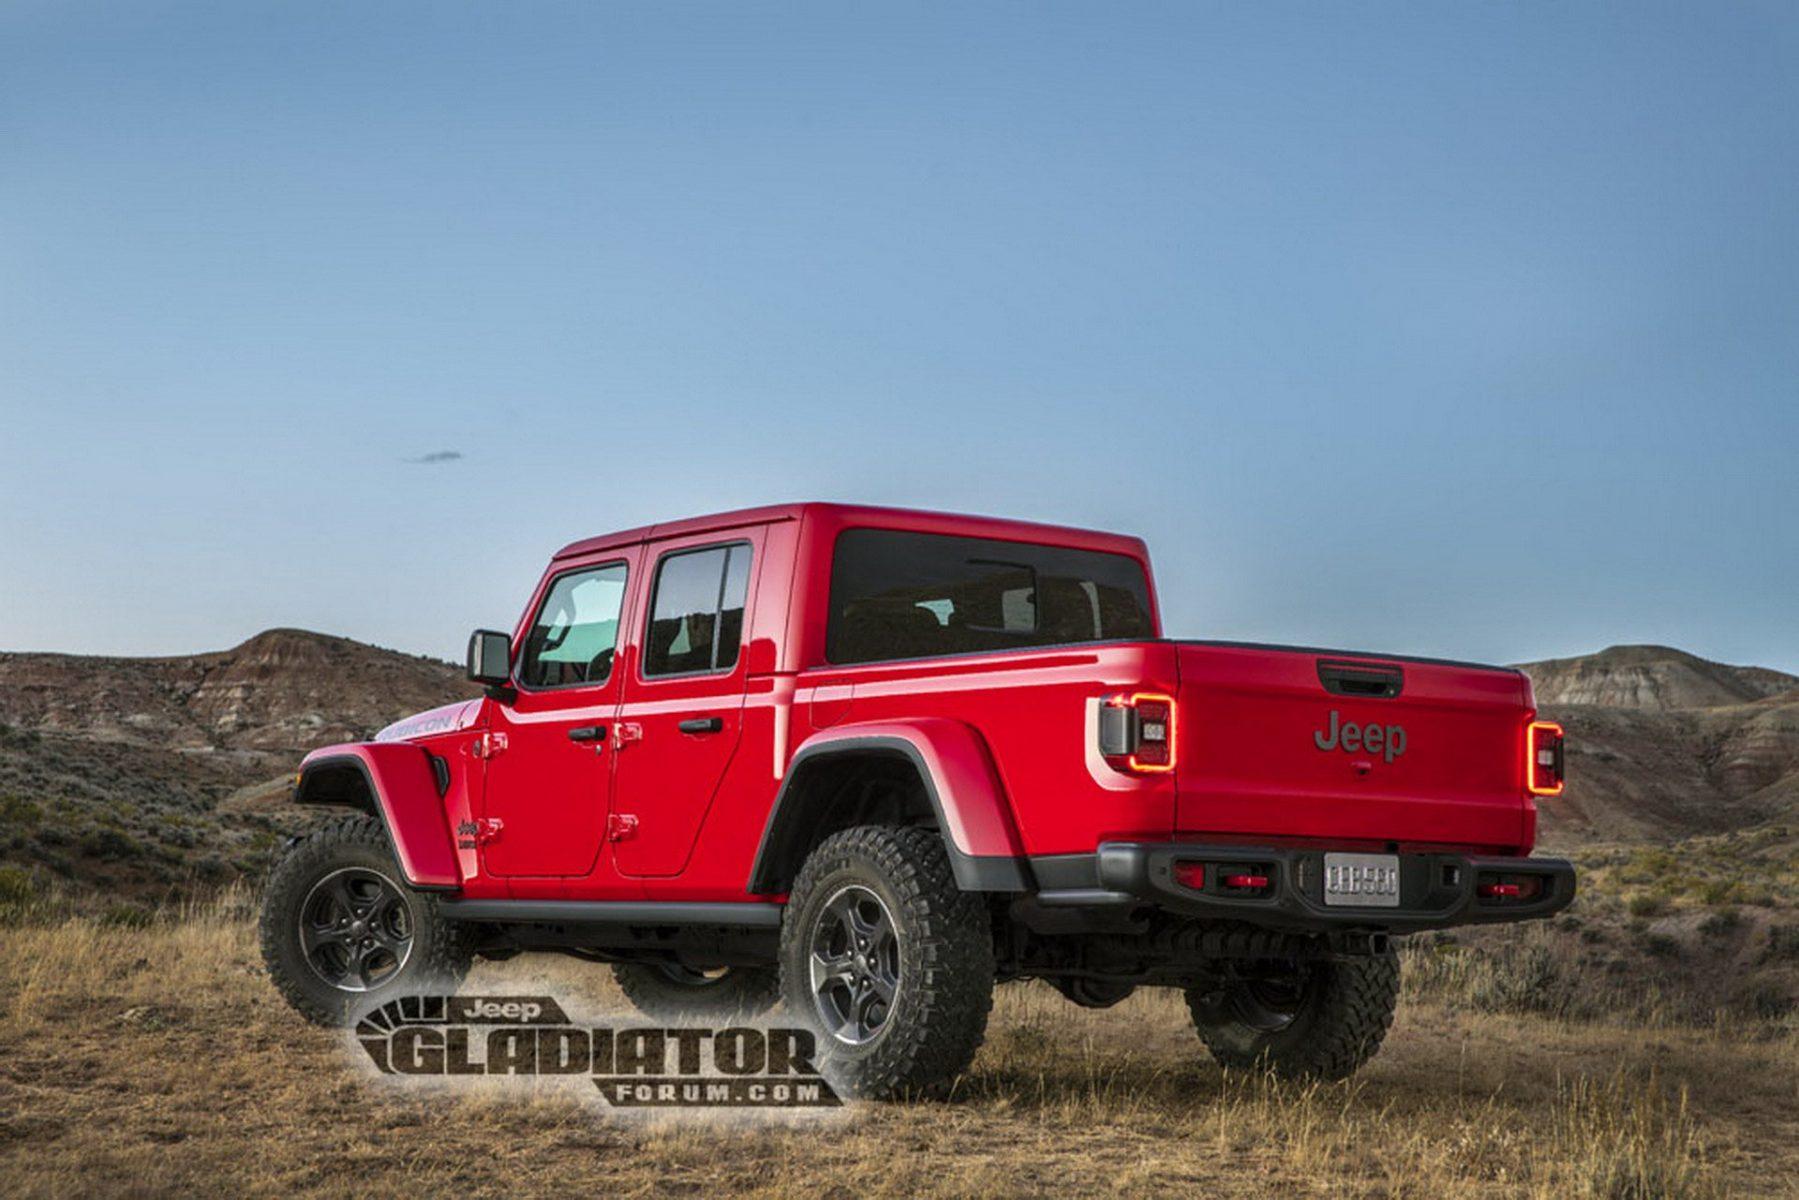 picape do jeep wrangler gladiator 3